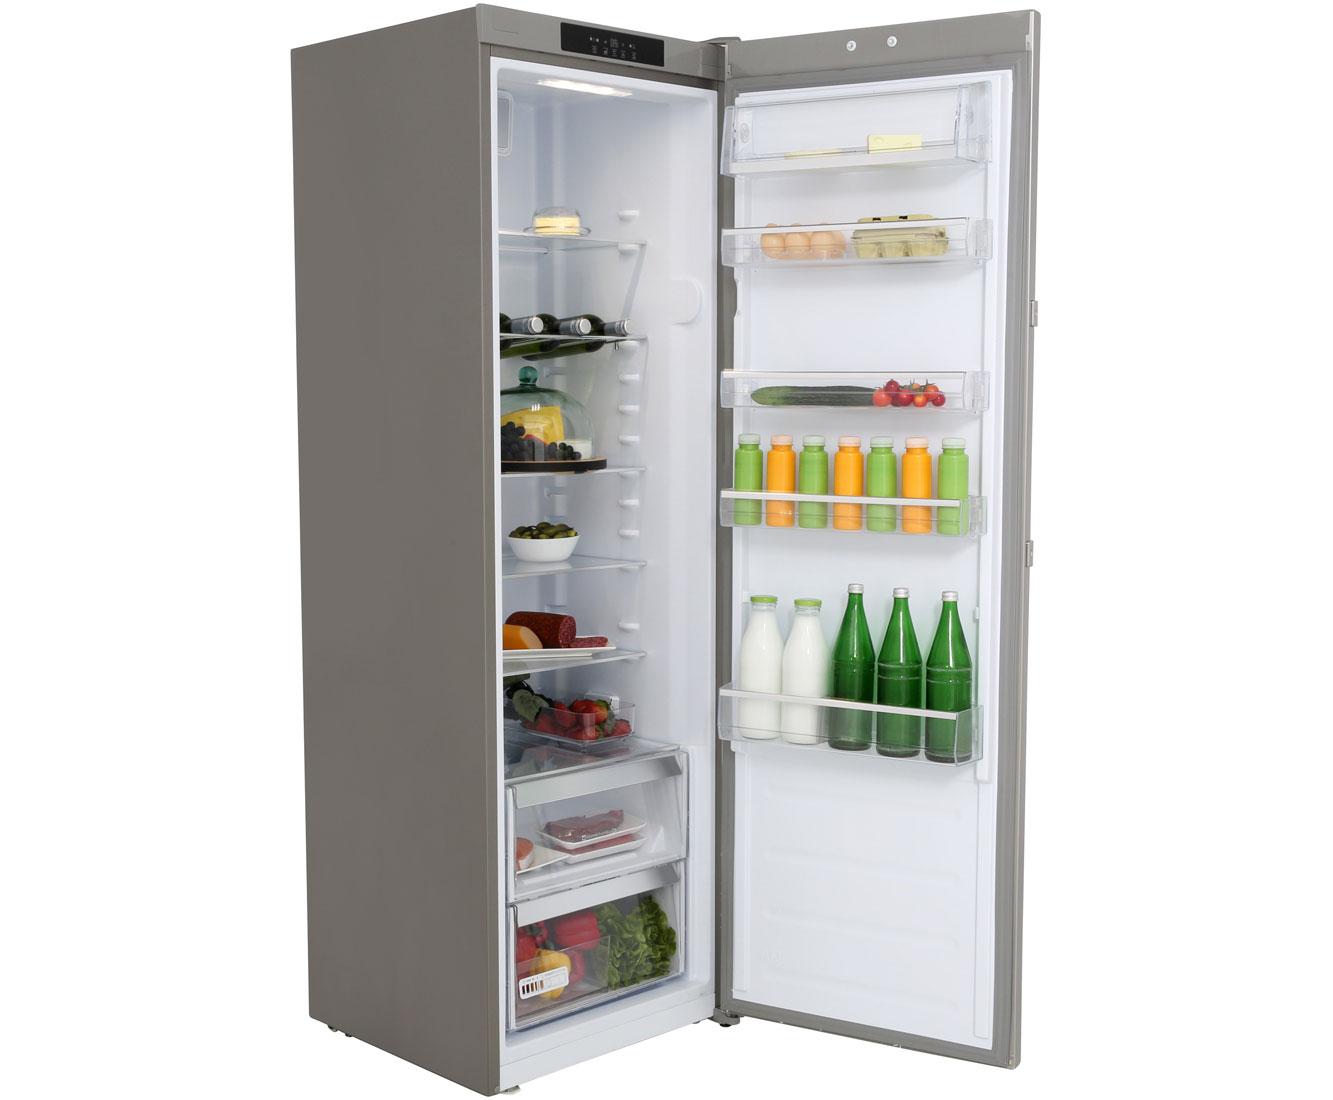 Aeg Santo Kühlschrank Mit Gefrierfach : Kühlschrank edelstahl freistehend mit gefrierfach aeg santo